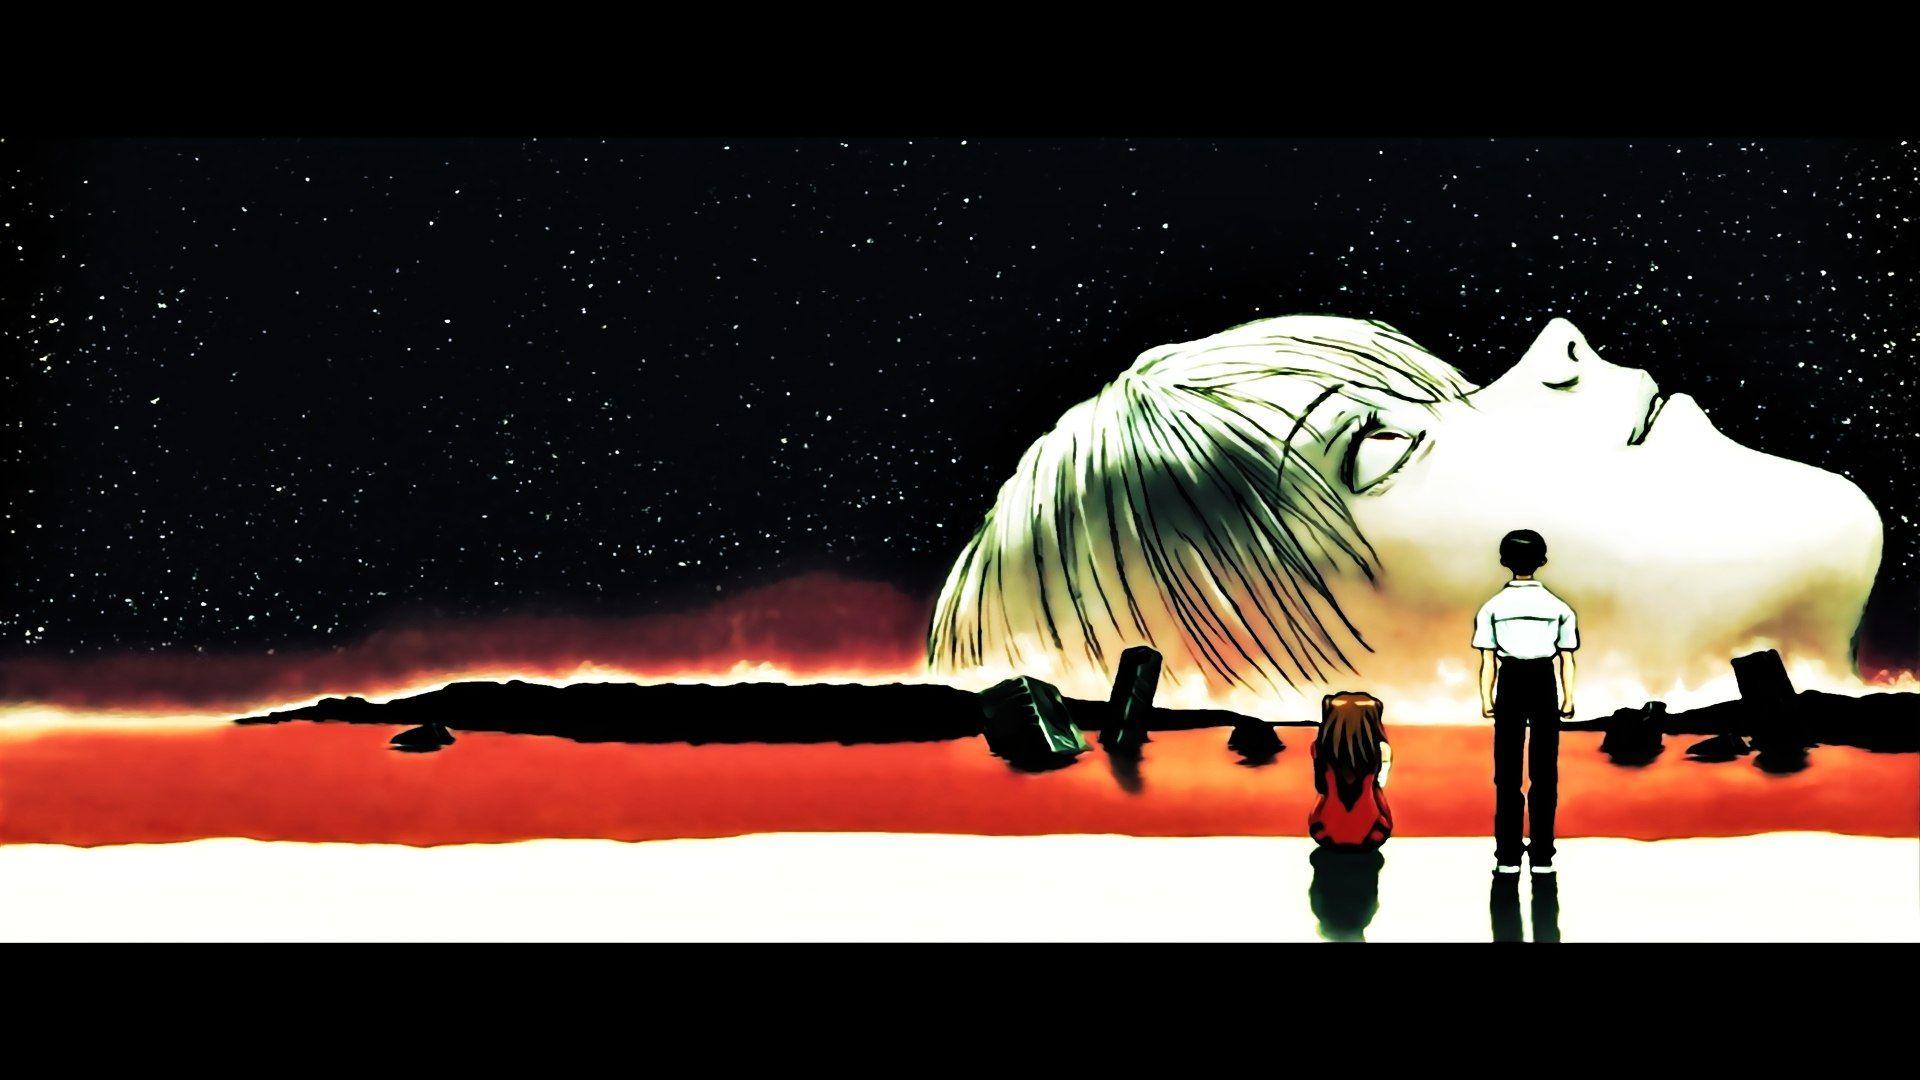 Neon Genesis Evangelion Wallpaper 1920x1080 44634